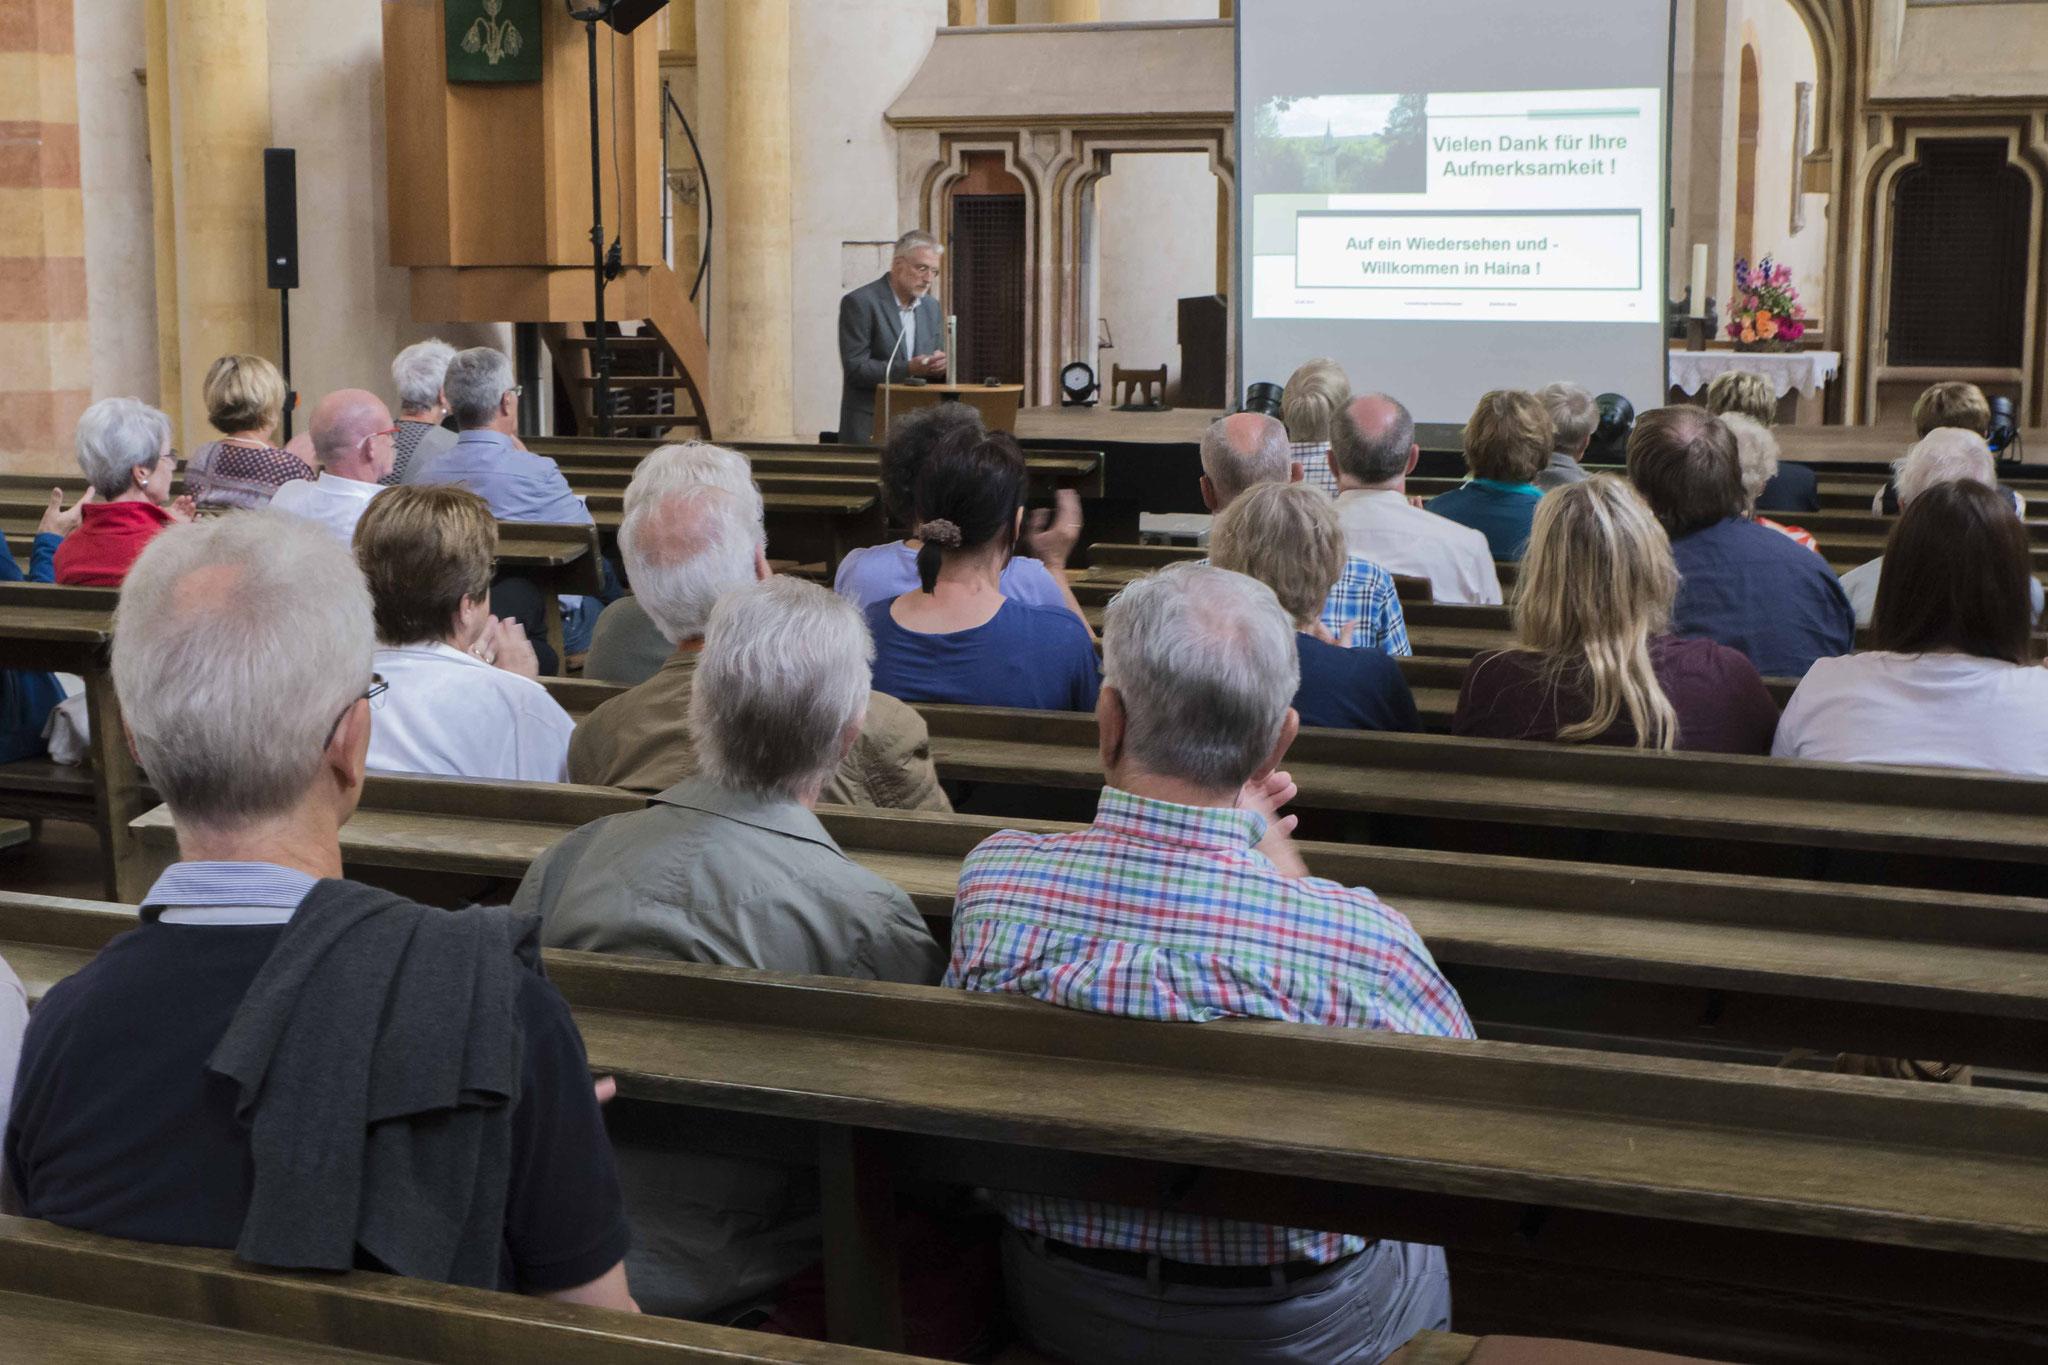 Manfred Albus in einem Vortrag über das Kloster Haina